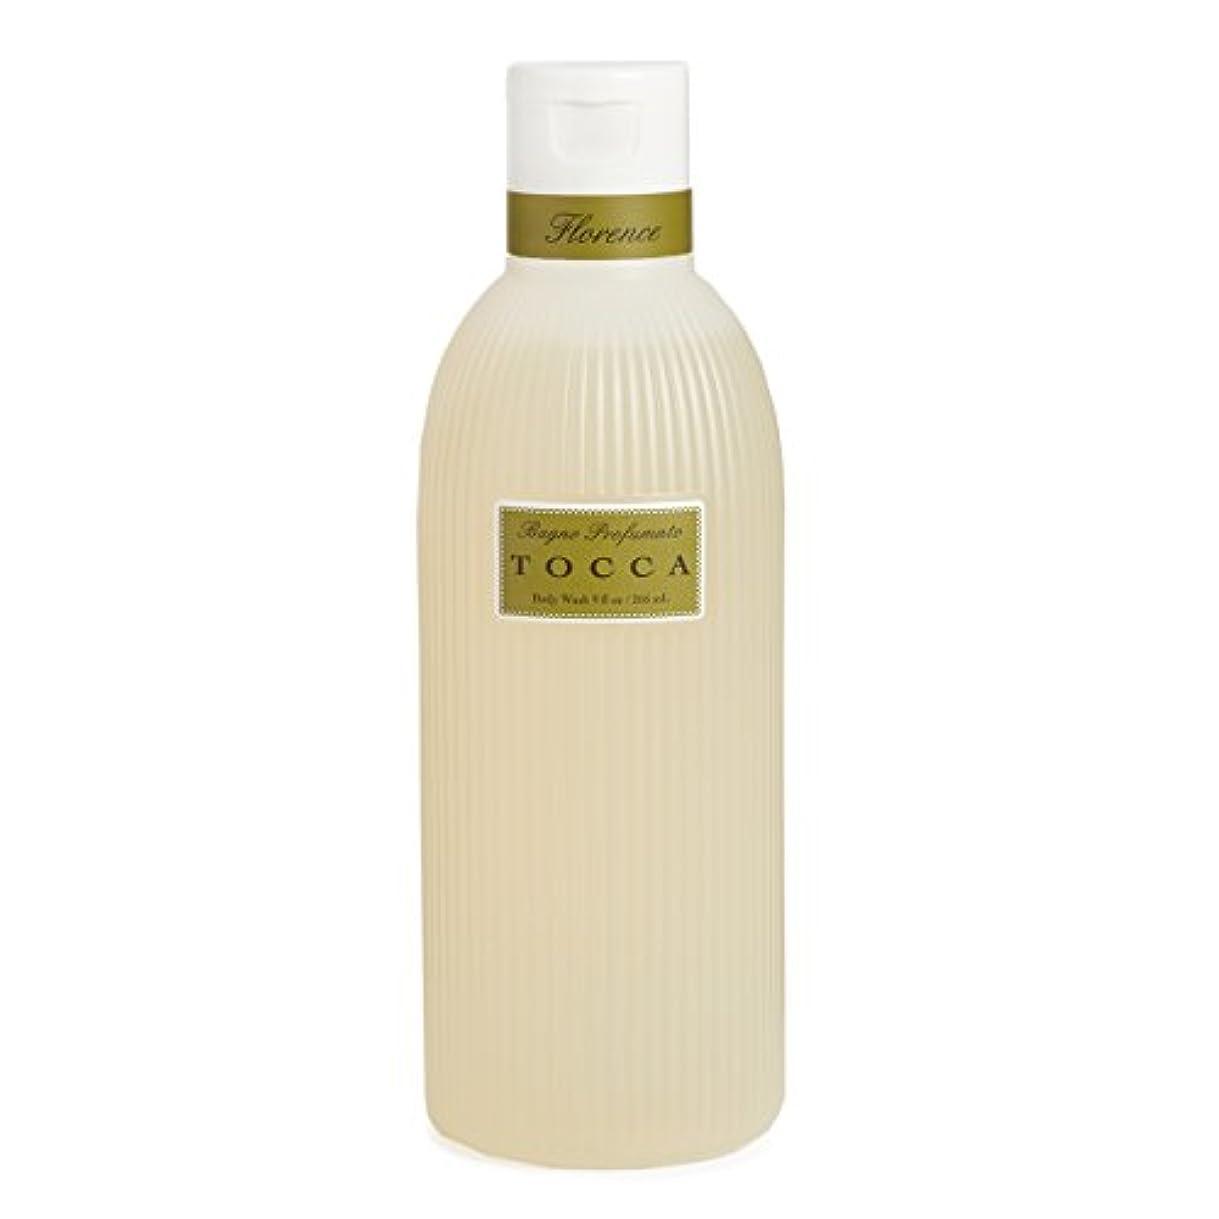 適合しました委任投げるトッカ(TOCCA) ボディーケアウォッシュ フローレンスの香り 266ml(全身用洗浄料 ボディーソープ ガーデニアとベルガモットが誘うように溶け合うどこまでも上品なフローラルの香り)